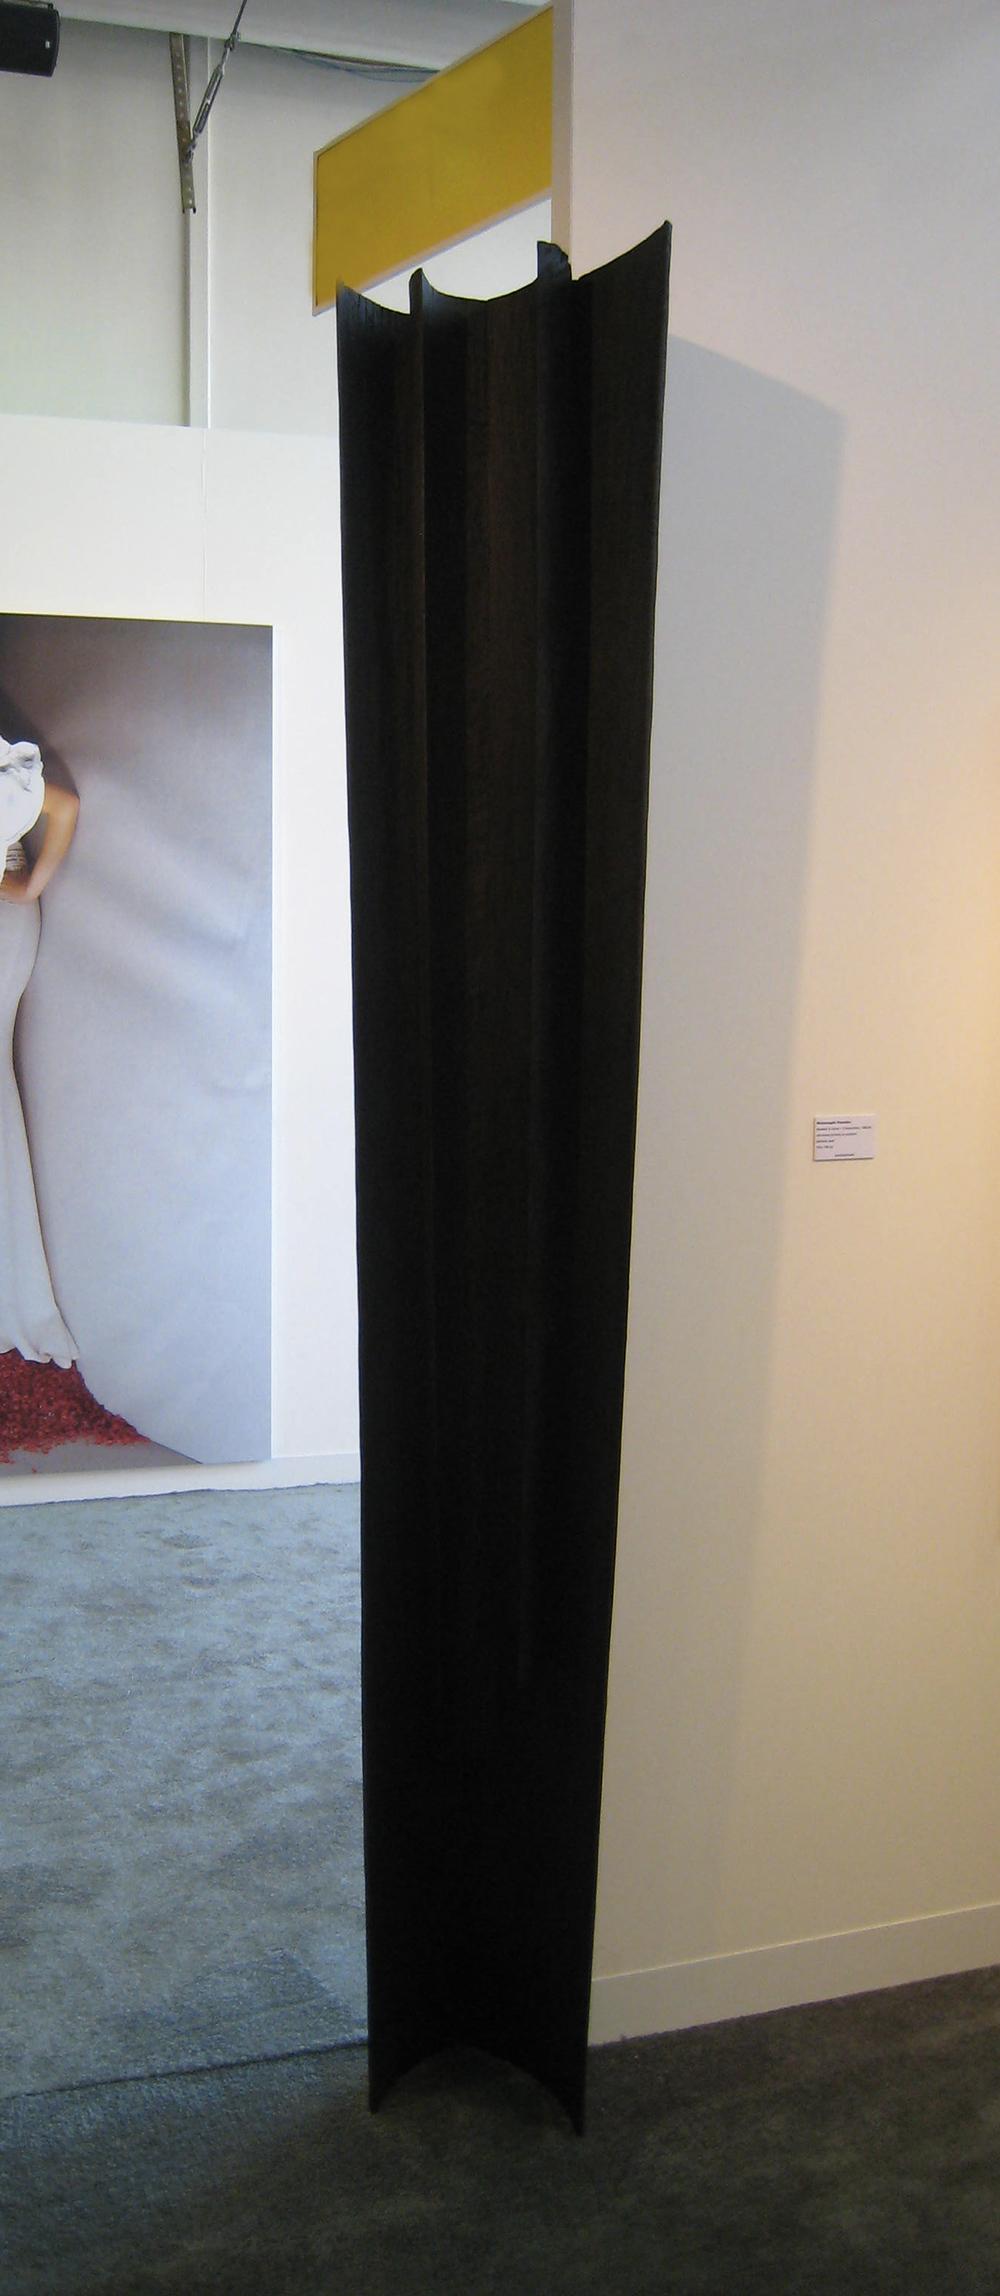 Nunzio, Senza titolo, 2008, legno combusto, cm 244x50x32